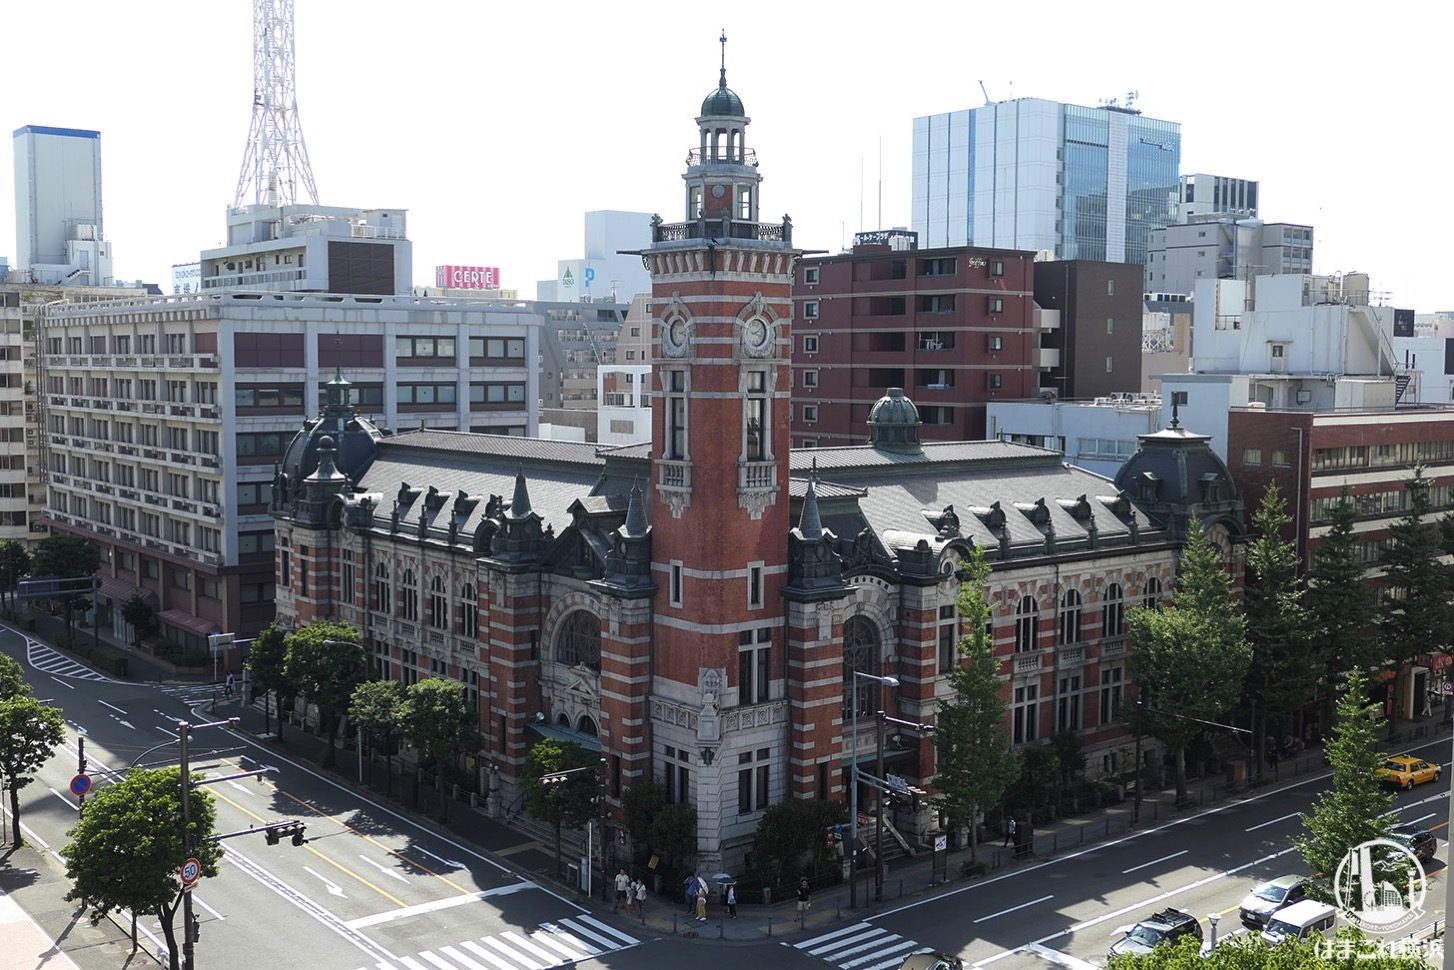 神奈川県庁本庁舎公開 屋上から見た横浜開港記念開館(ジャック)